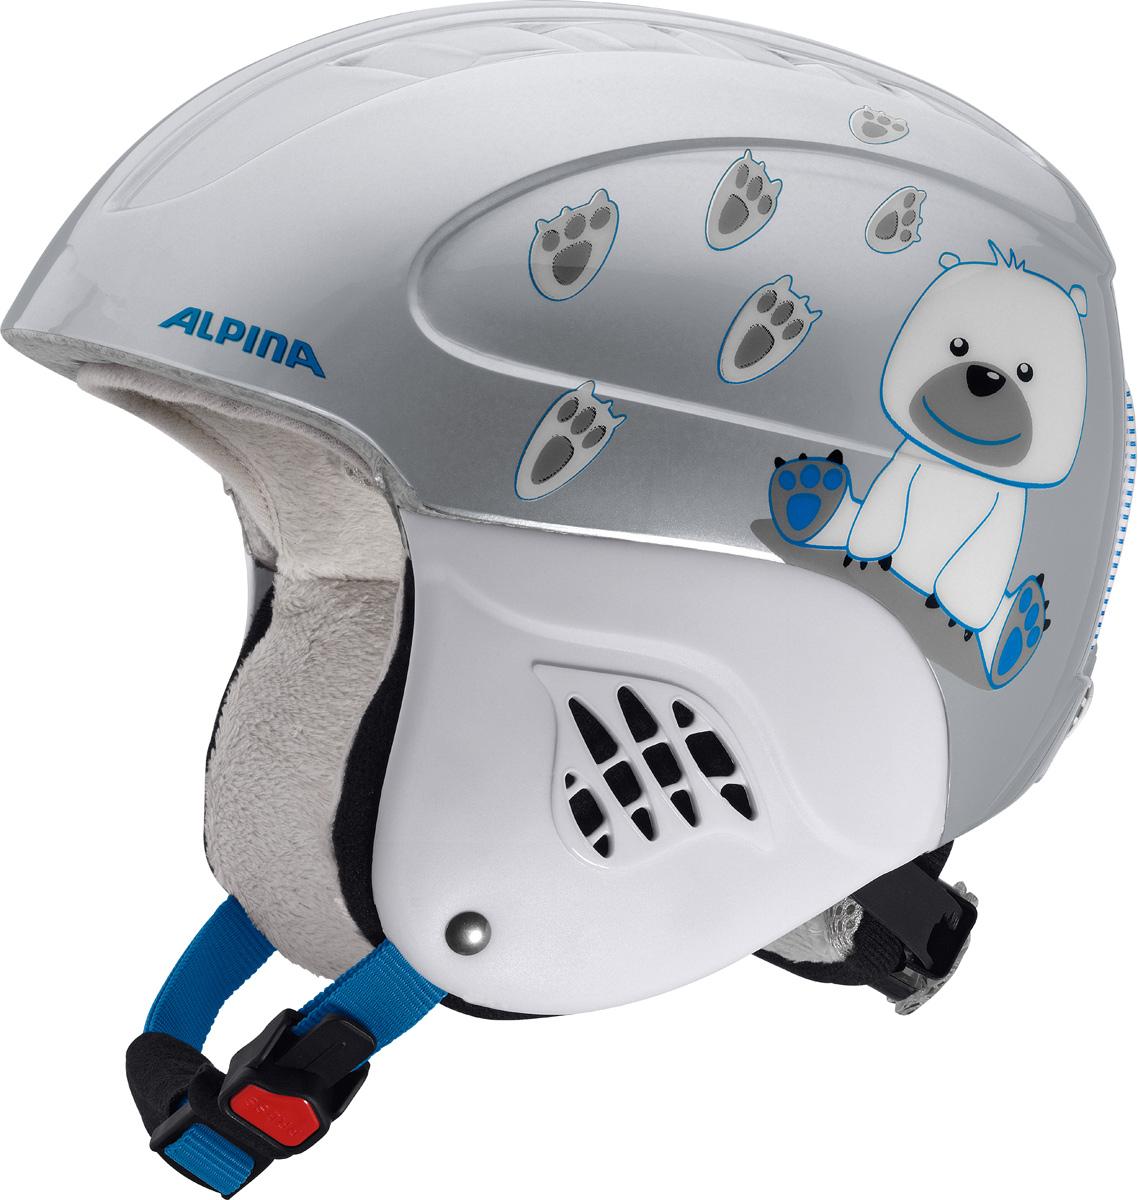 Шлем горнолыжный детский Alpina Carat, цвет: белый. A9035_86. Размер 48-52 бензопила alpina серия black a 4500 18